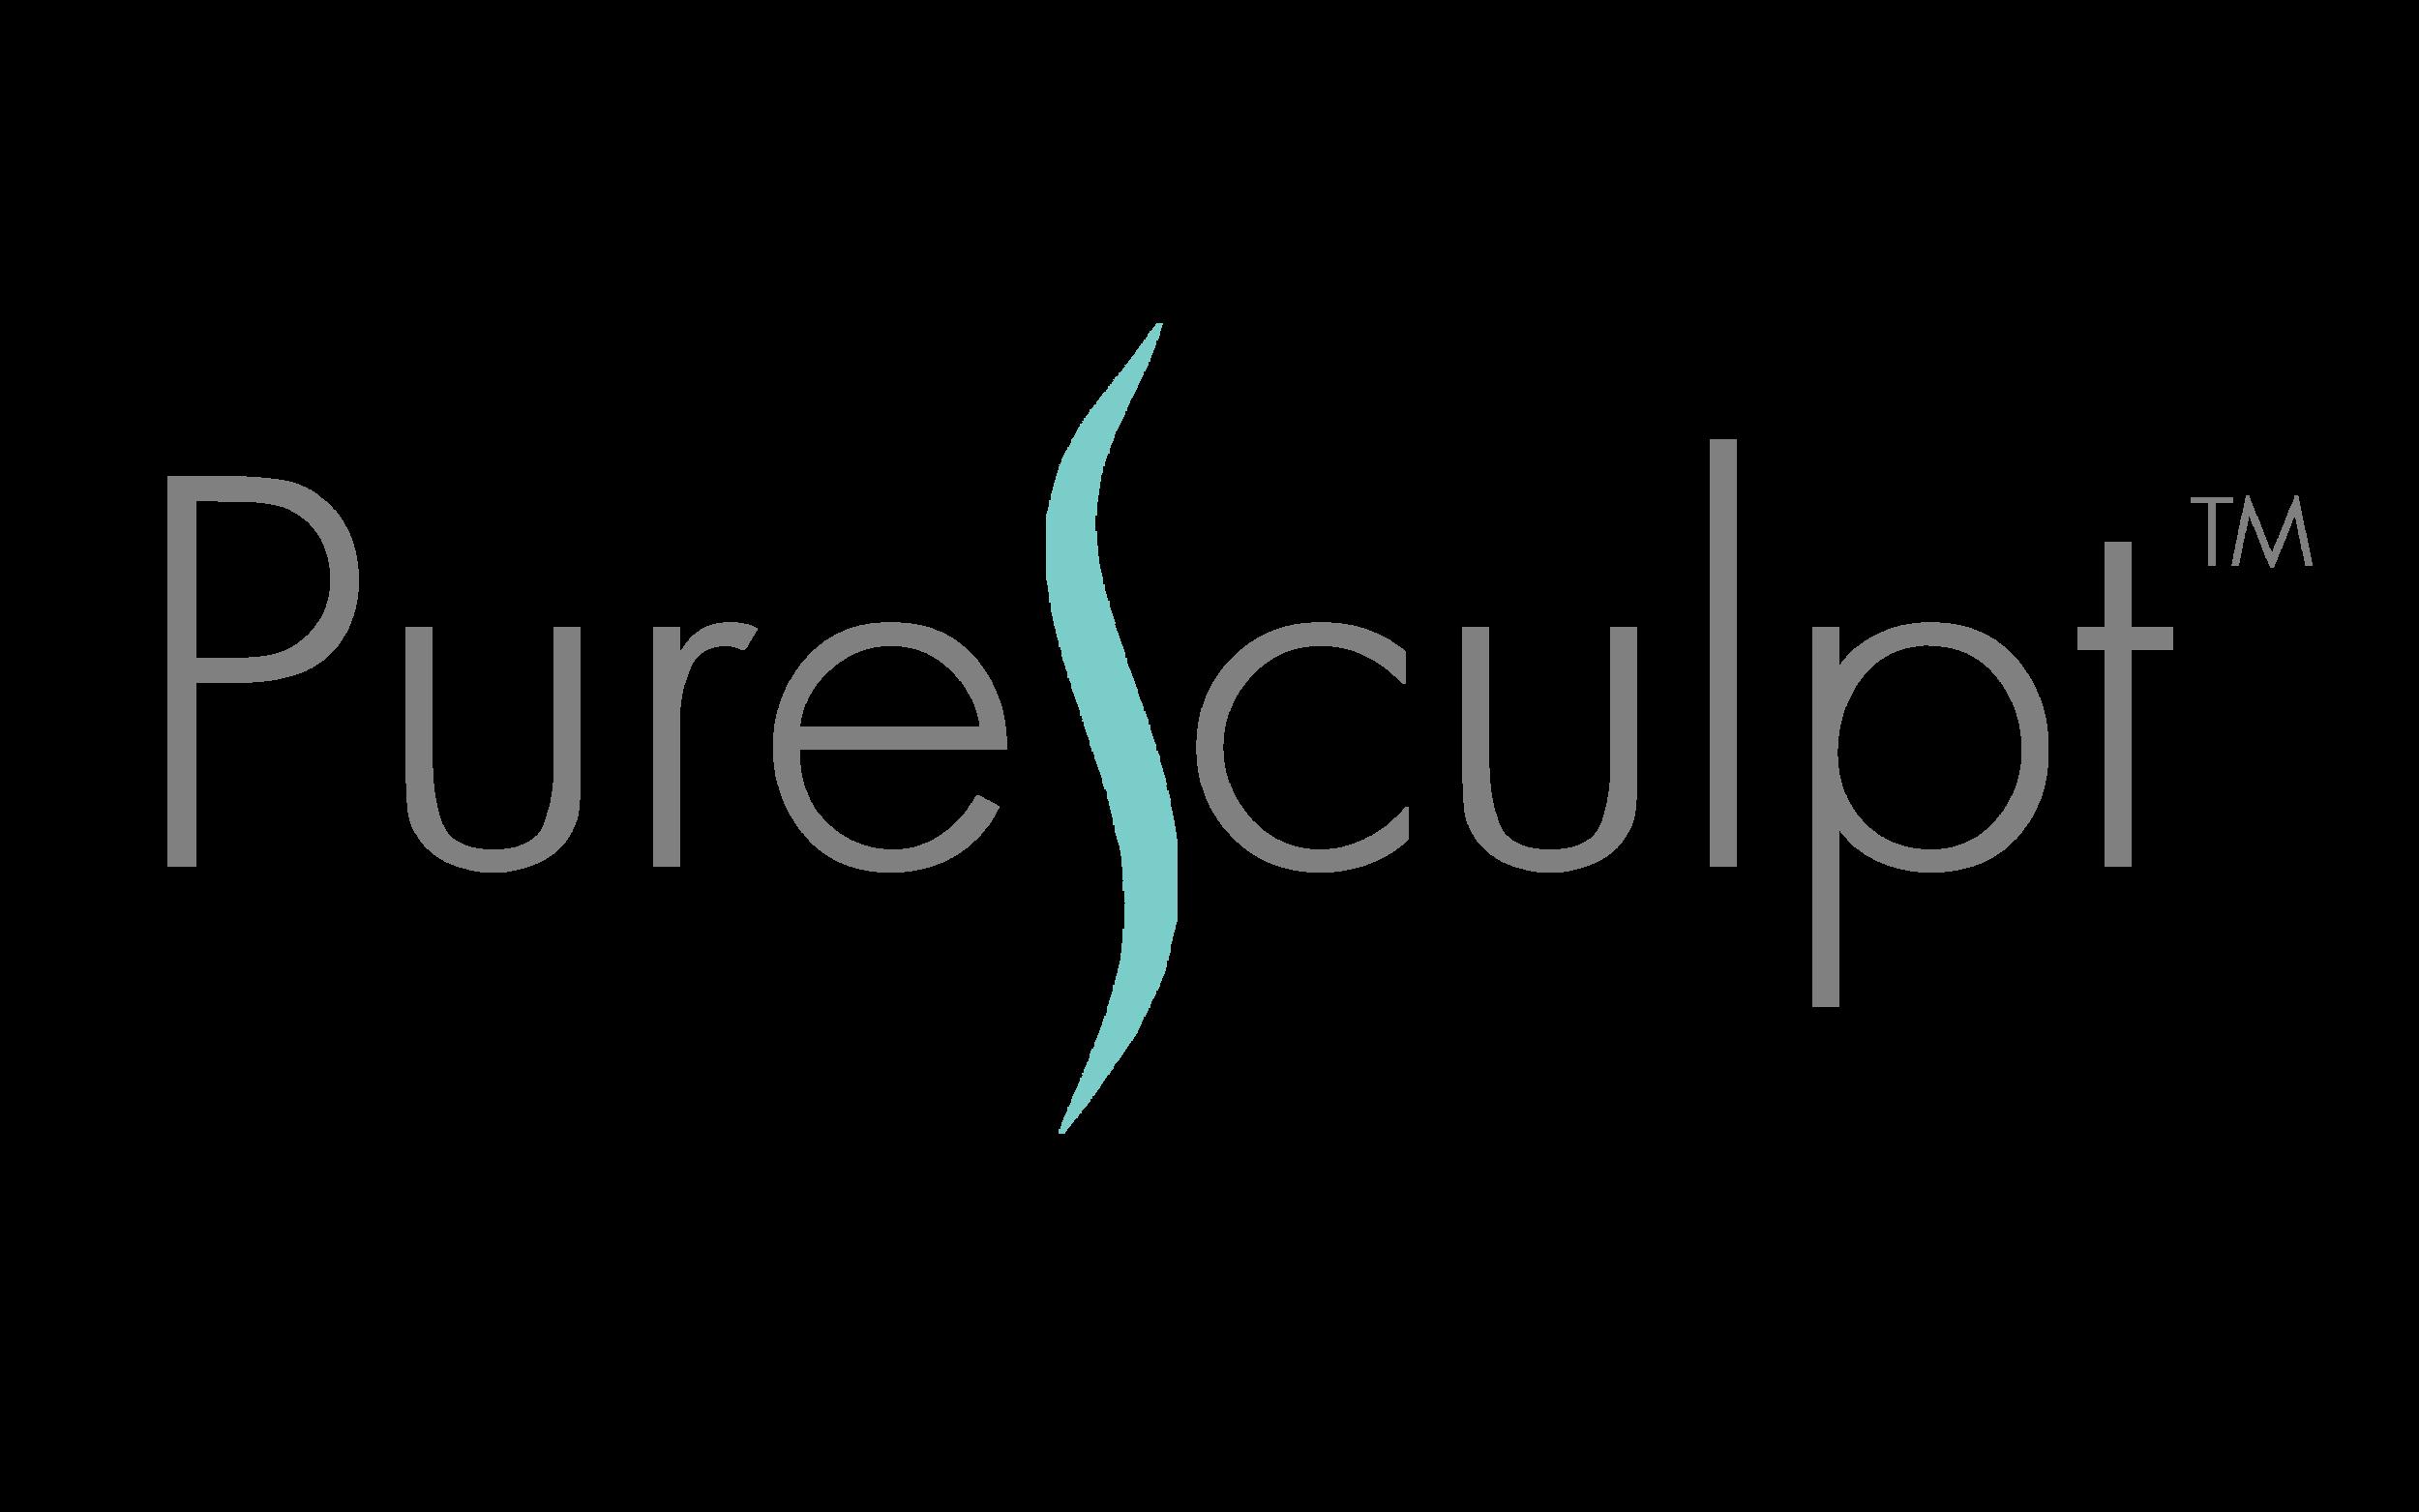 puresculpt_body__2_.png